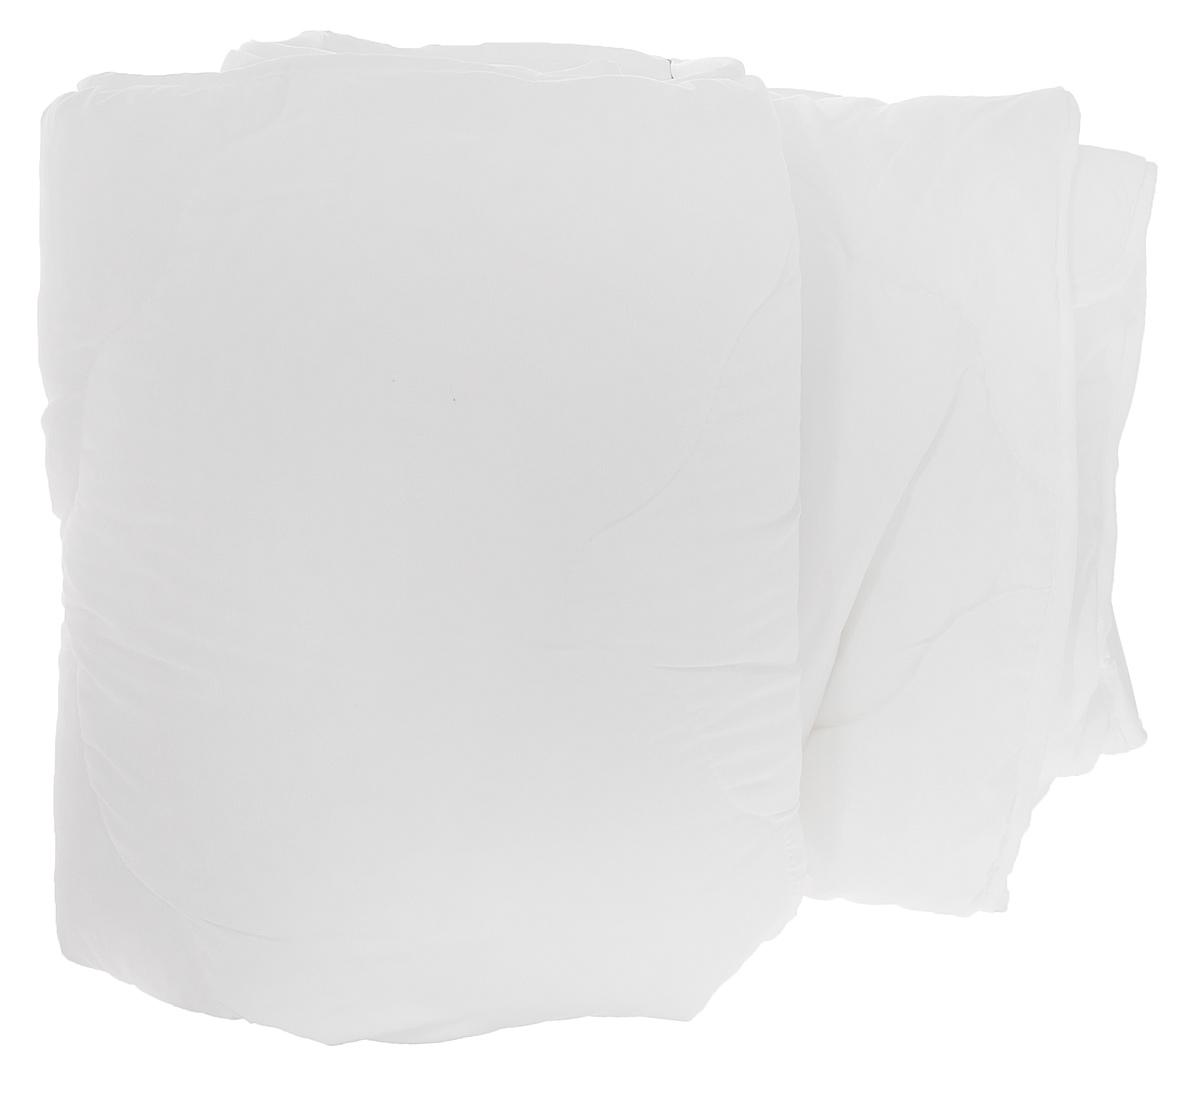 Одеяло Dargez Бомбей, легкое, наполнитель: бамбуковое волокно, цвет: белый, 172 см х 205 см20(23)341_белыйОдеяло Dargez Бомбей подарит комфорт и уют во время сна. Чехол одеяла, выполненный из микрофибры и оформлен фигурной стежкой, которая надежно удерживает наполнитель внутри. Волокно на основе бамбука - инновационный наполнитель, обладающий за счет своей пористой структуры хорошей воздухонепроницаемостью и высокой гигроскопичностью, обеспечивает оптимальный уровень влажности во время сна и создает чувство прохлады в жаркие дни. Антибактериальный эффект наполнителя достигается за счет содержания в нем специального компонента, а также за счет поглощения влаги, что создает сухой микроклимат, препятствующий росту бактерий. Основные свойства волокна: - хорошая терморегуляция; - свободная циркуляция воздуха; - антибактериальные свойства; - повышенная гигроскопичность; - мягкость и легкость; - удобство в эксплуатации и легкость стирки. Рекомендации по уходу: - Стирка при температуре не более 40°С. -...